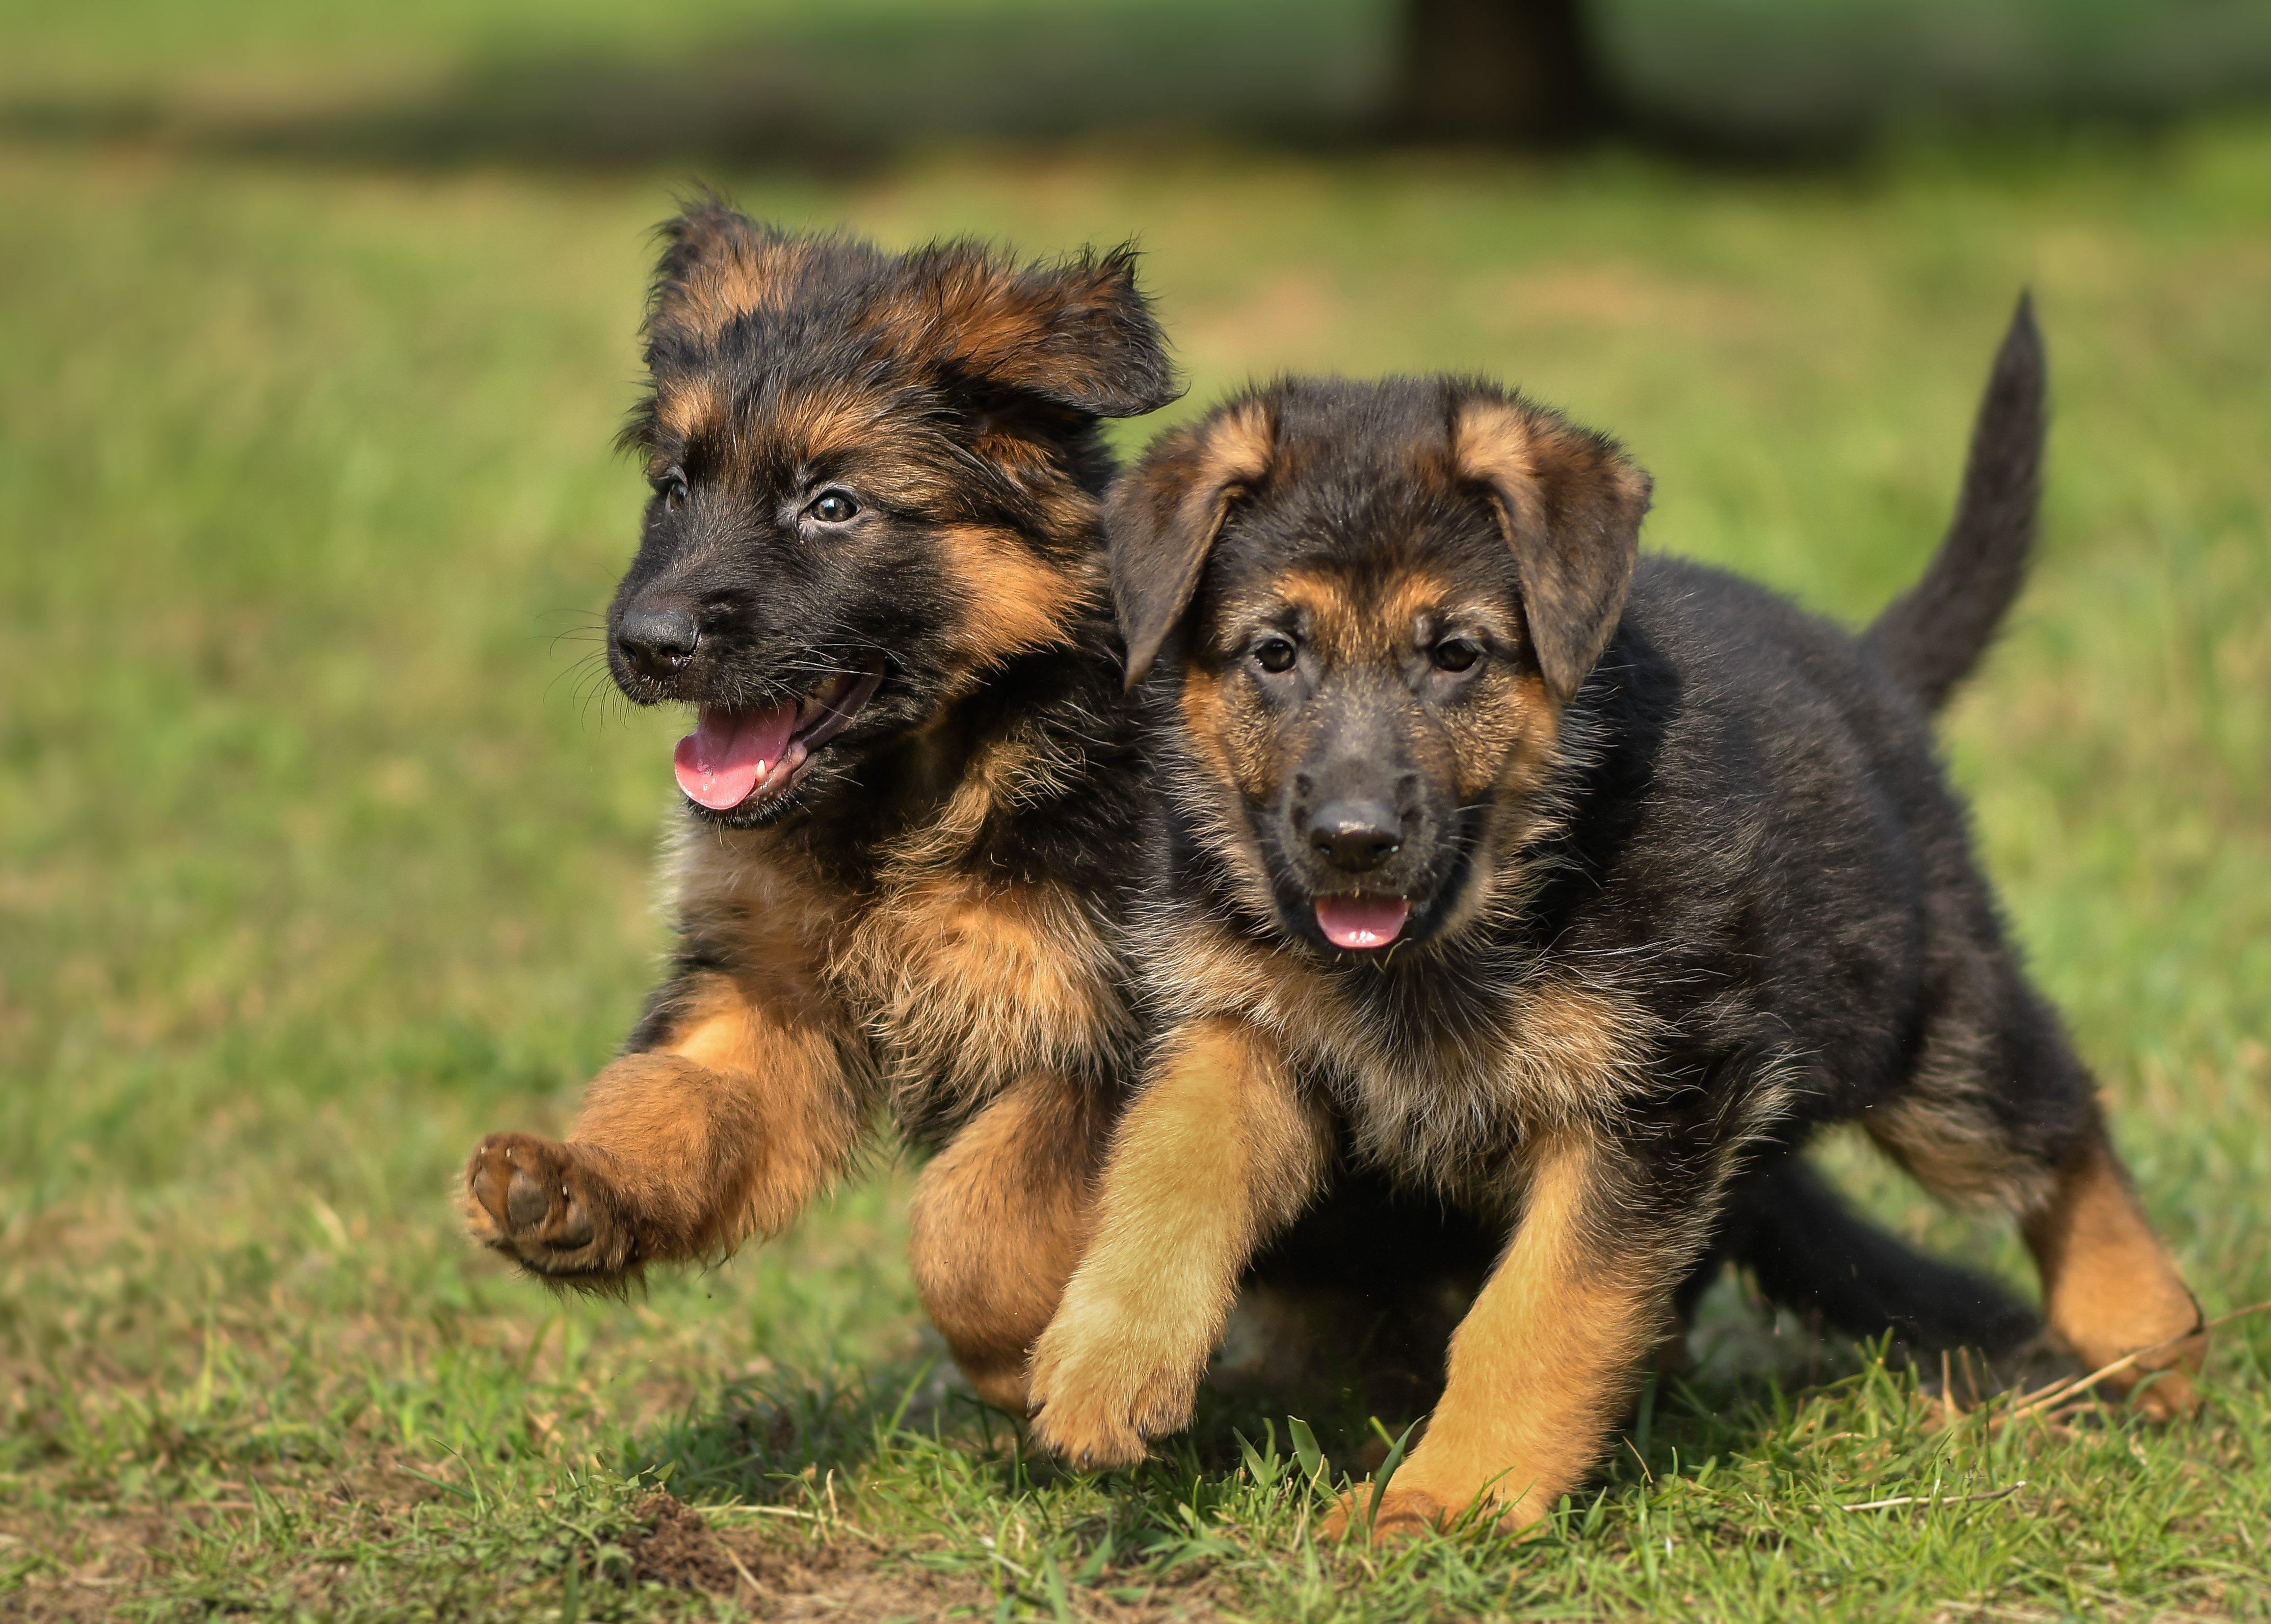 немецкая овчарка, щенки, бегущие собаки, весёлые щенята, Соварцева Ксения